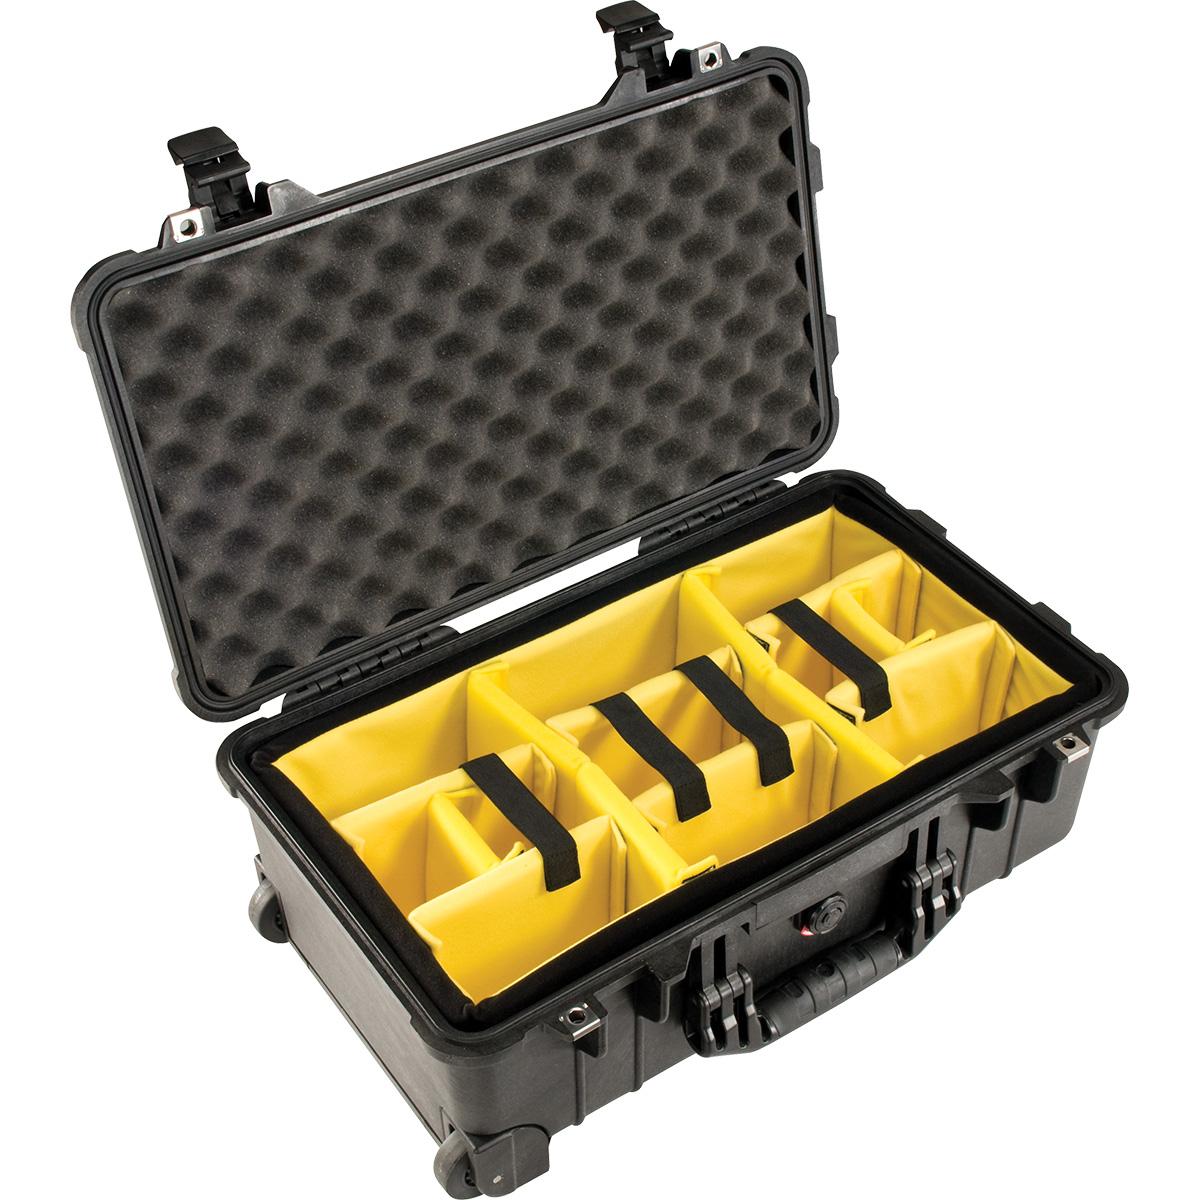 Peli Case 1510 Zwart-Met klittenband vakverdeling